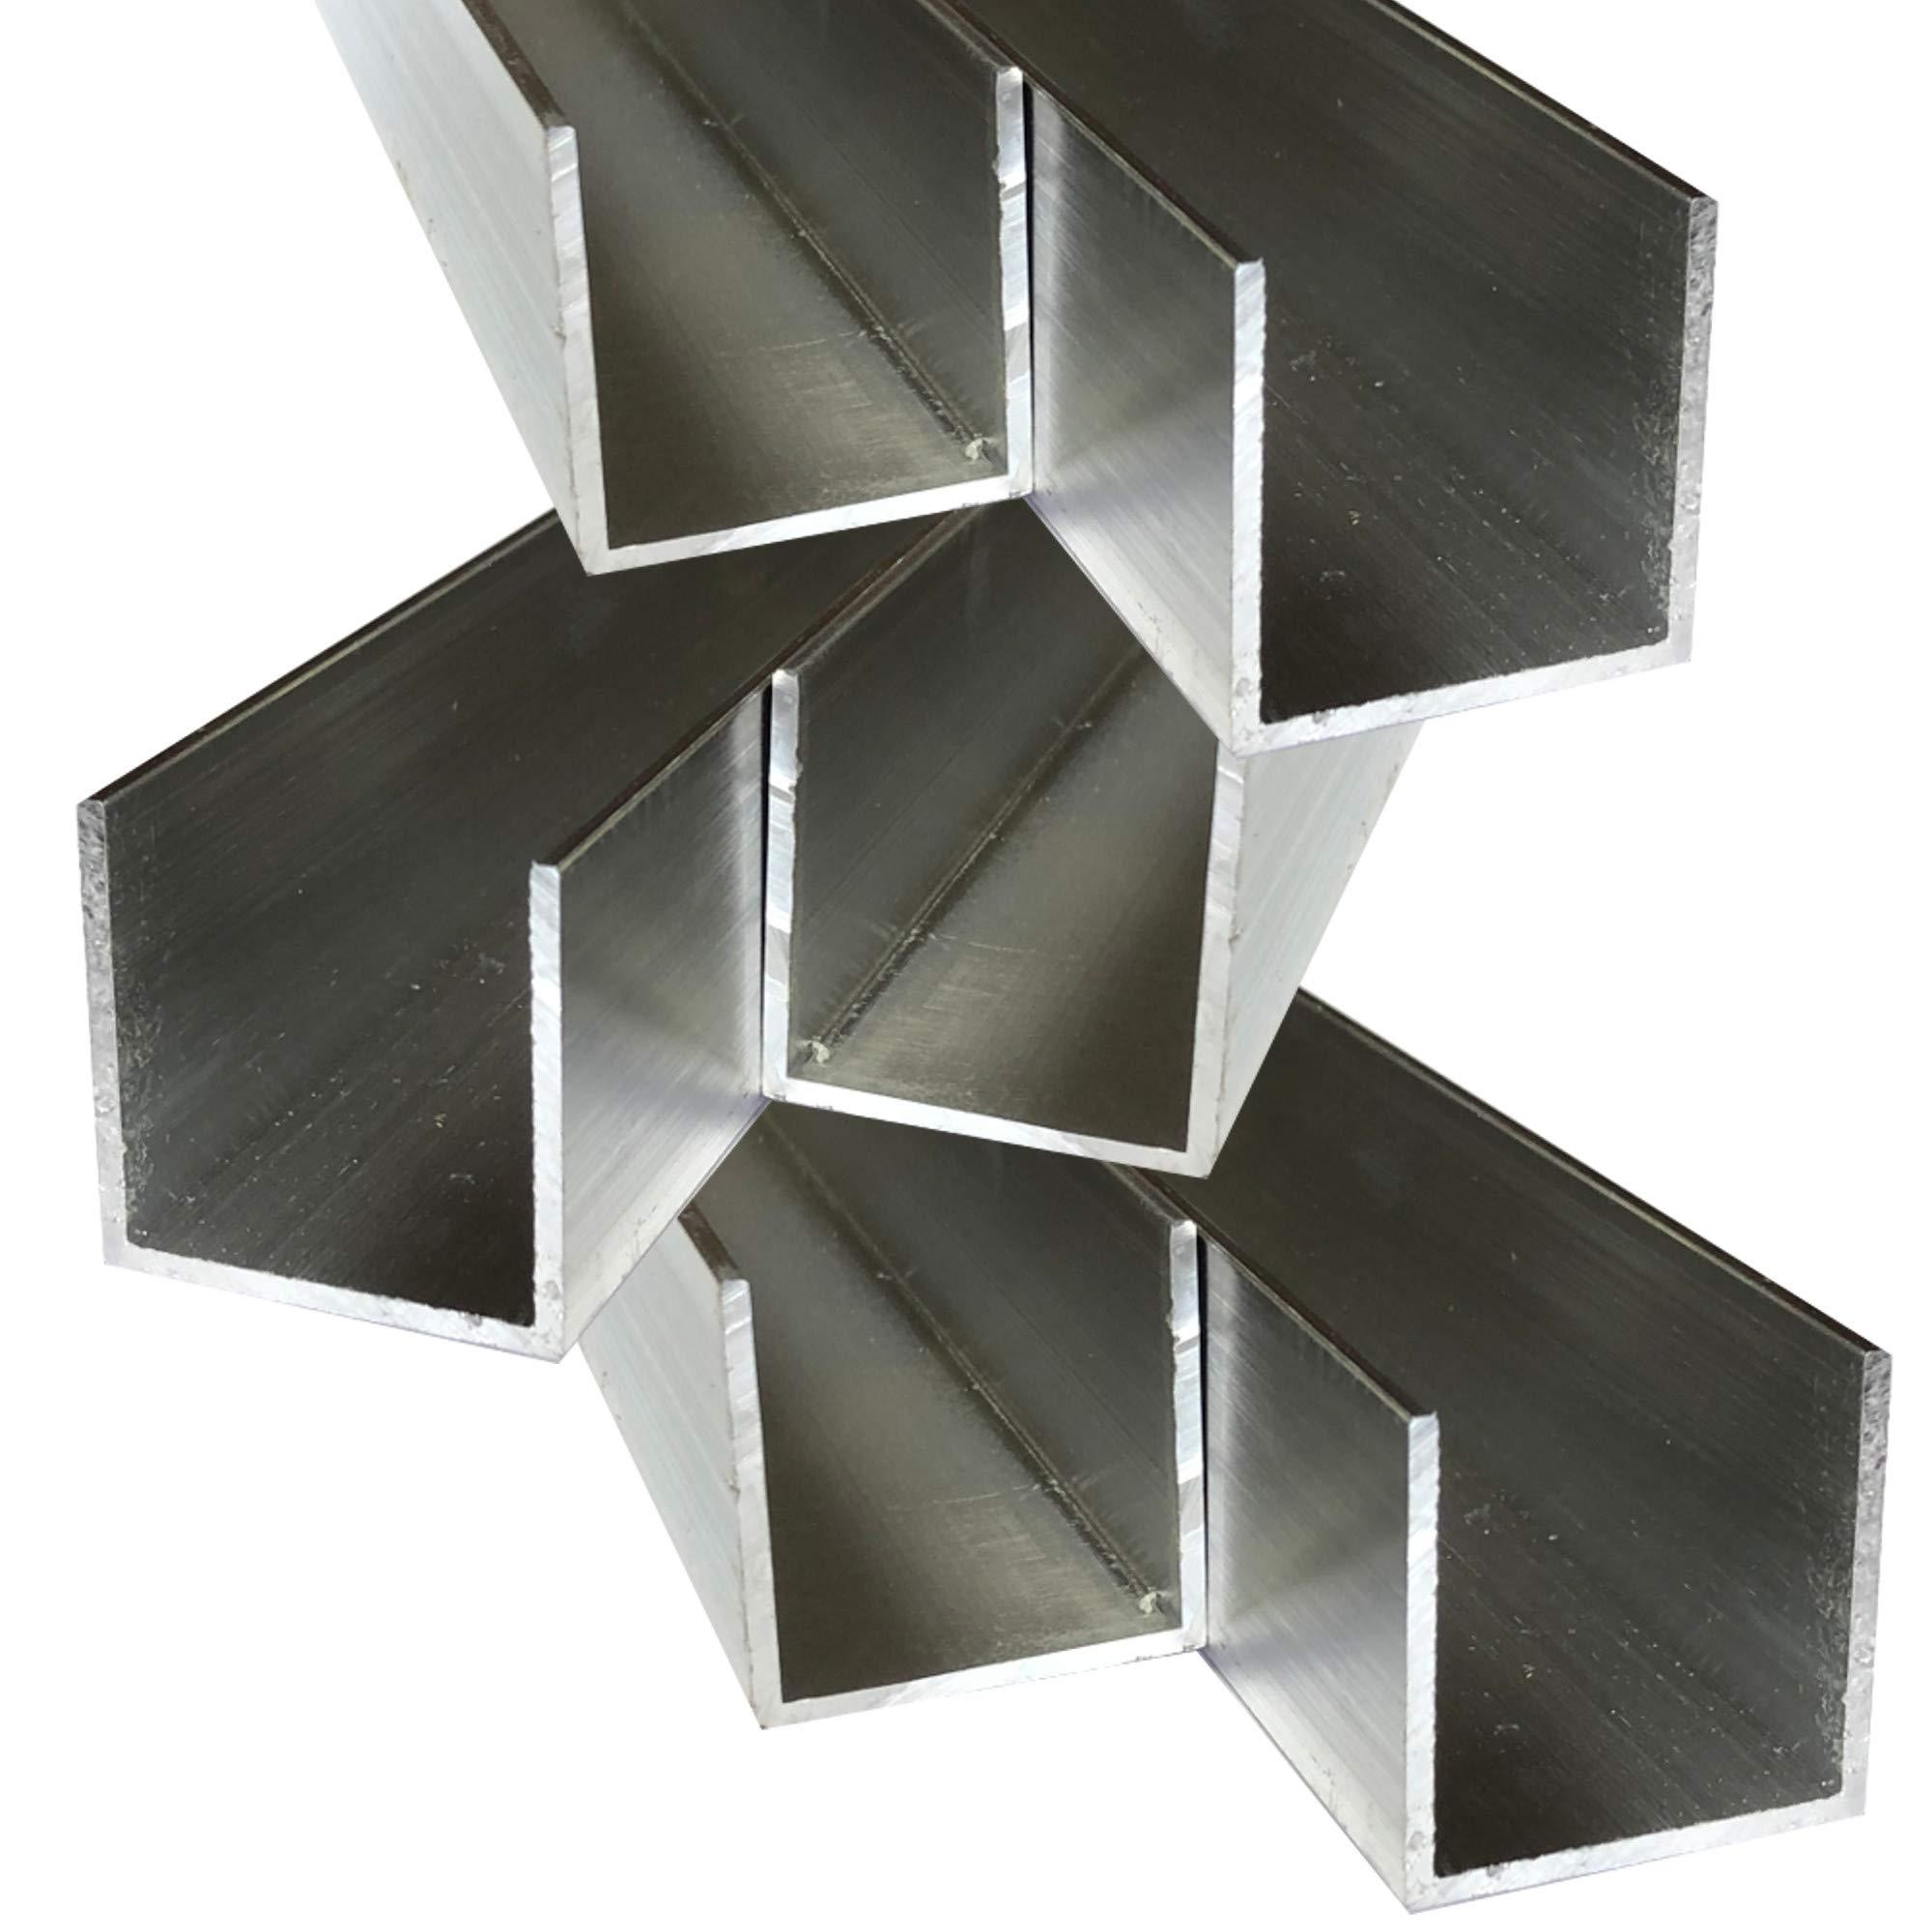 Alu U-Profil 35x35x35x3mm Aluprofil Aluminium 1 Meter